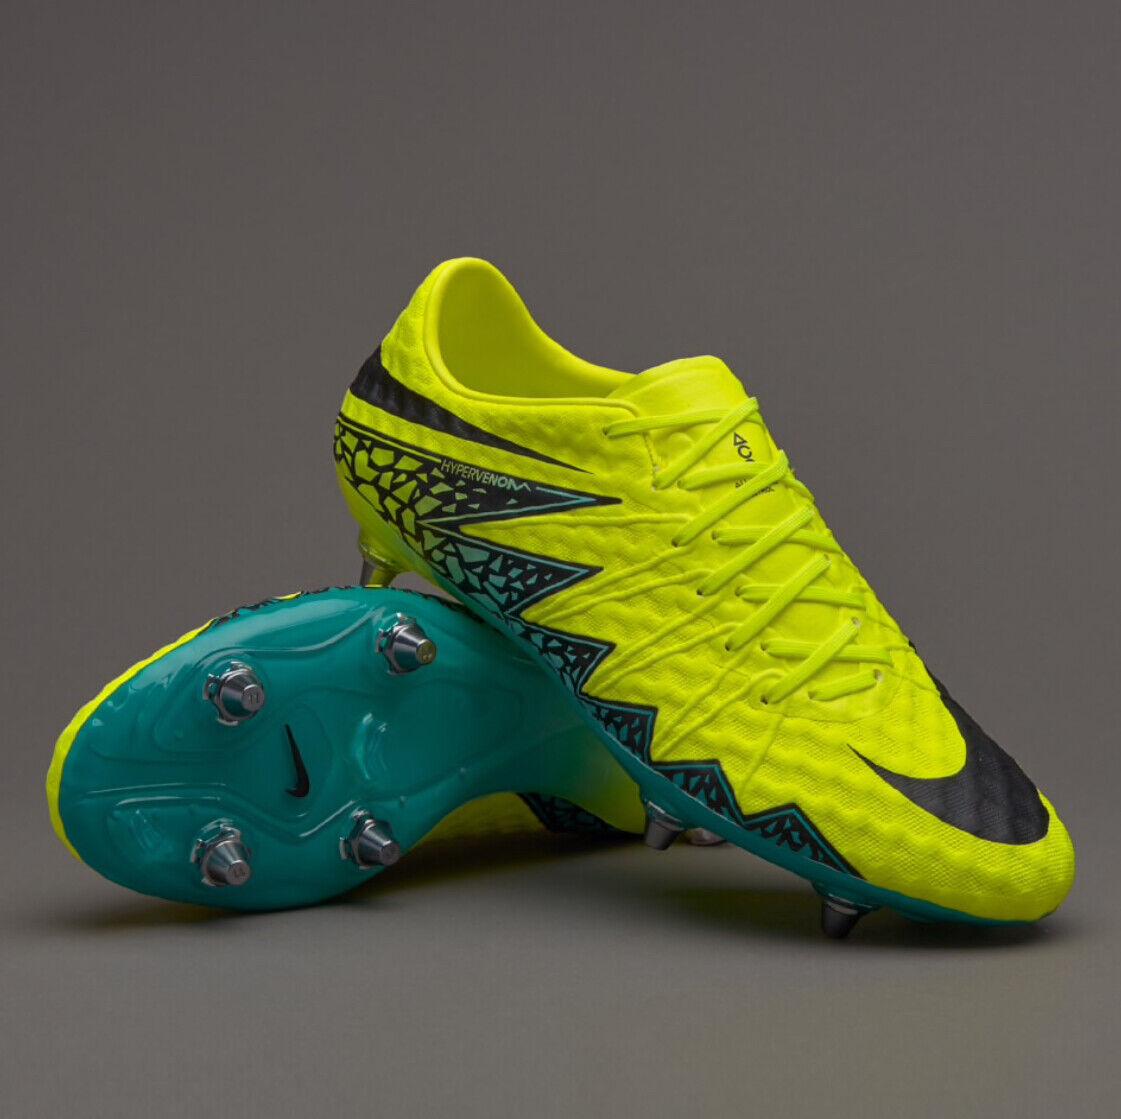 Nike Hypervenom phinish SG - 799594 704